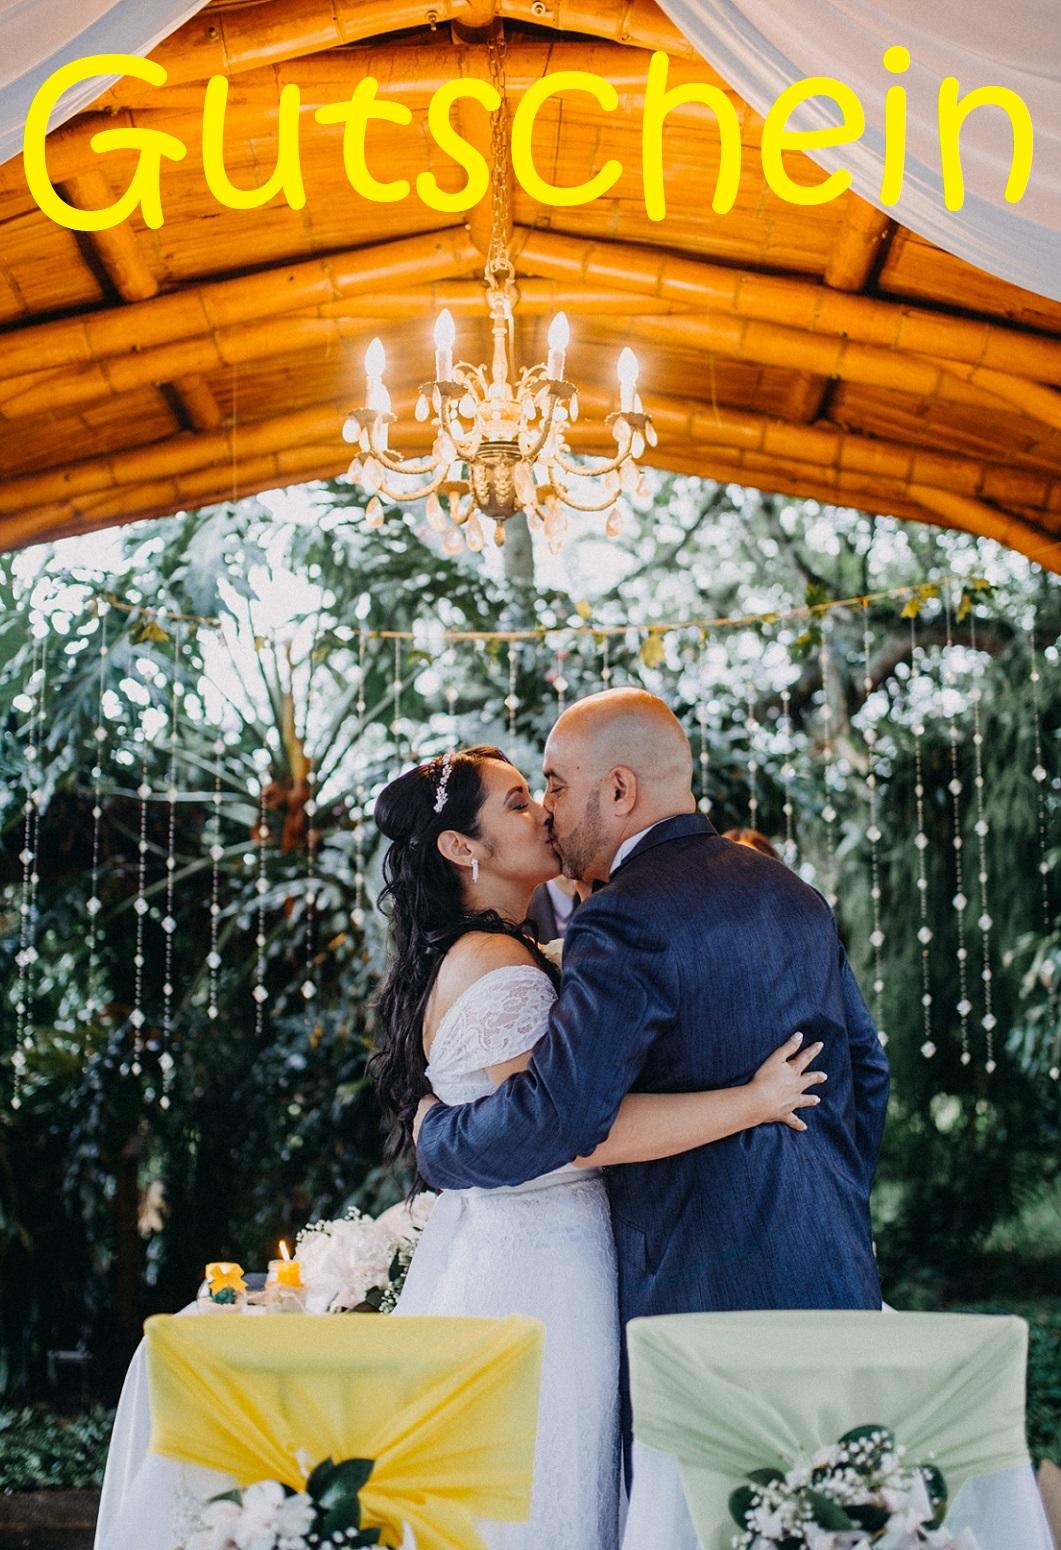 Gutscheinvorlage zur Hochzeit